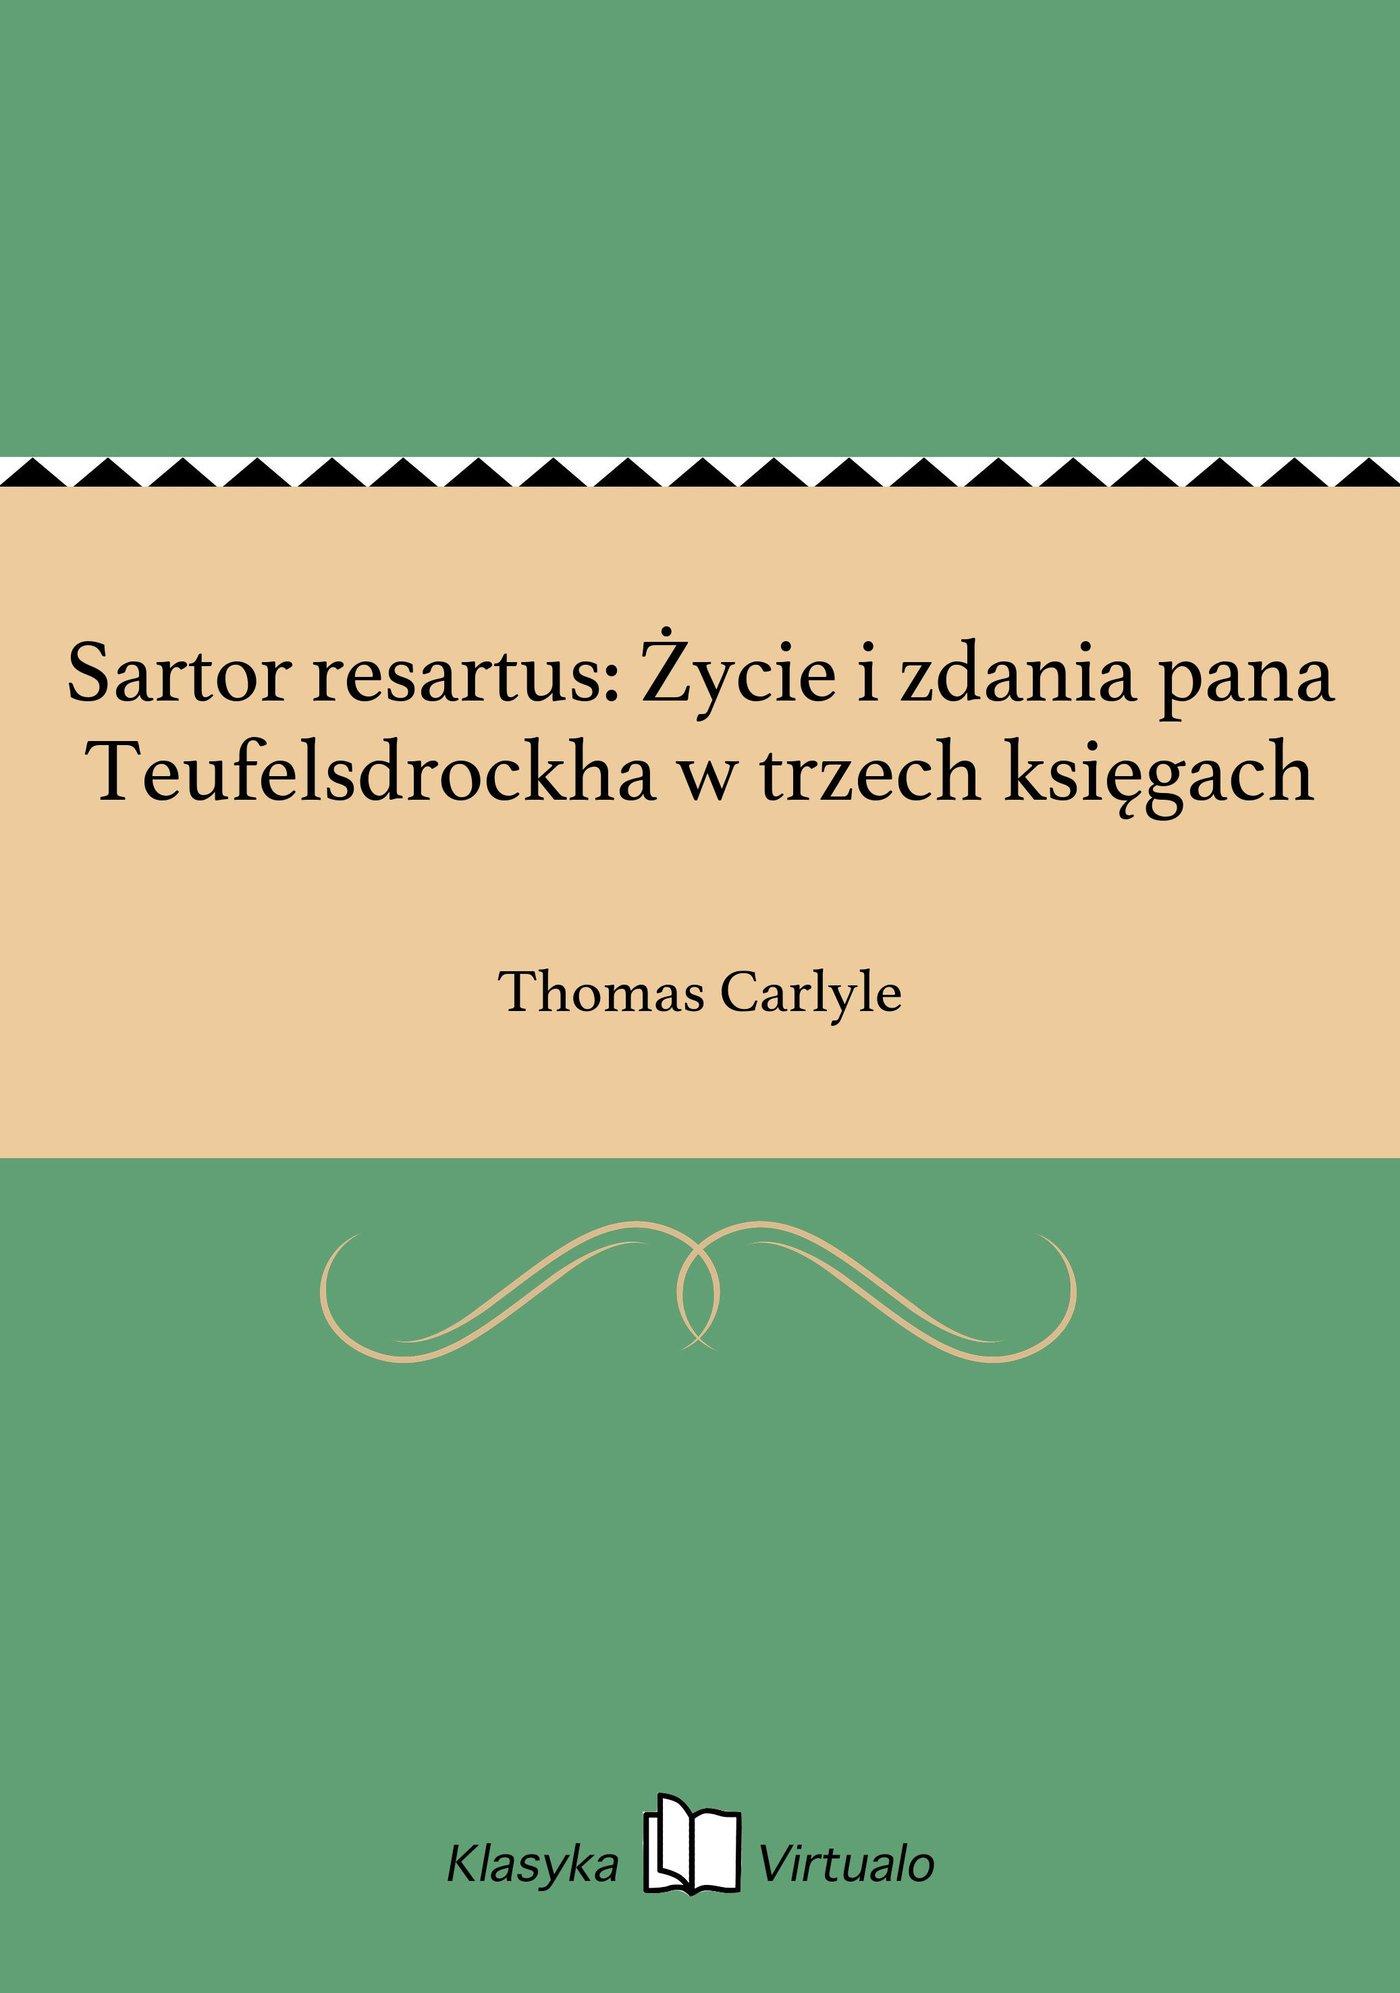 Sartor resartus: Życie i zdania pana Teufelsdrockha w trzech księgach - Ebook (Książka EPUB) do pobrania w formacie EPUB